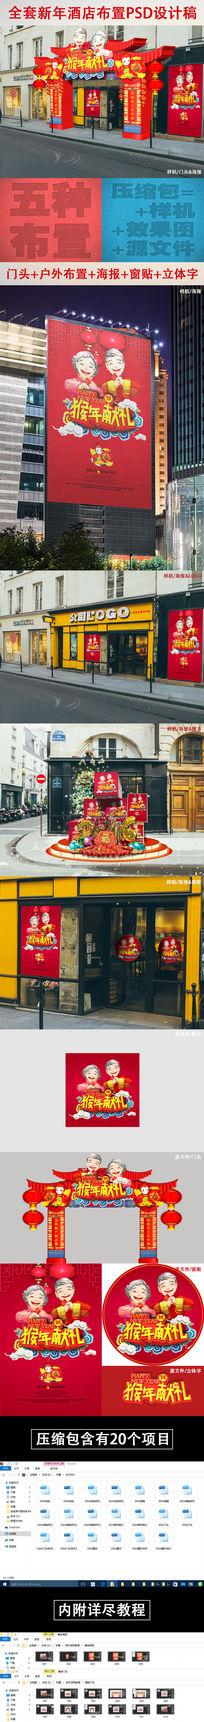 全套春节装饰方案酒店促销活动牌楼式布置设计